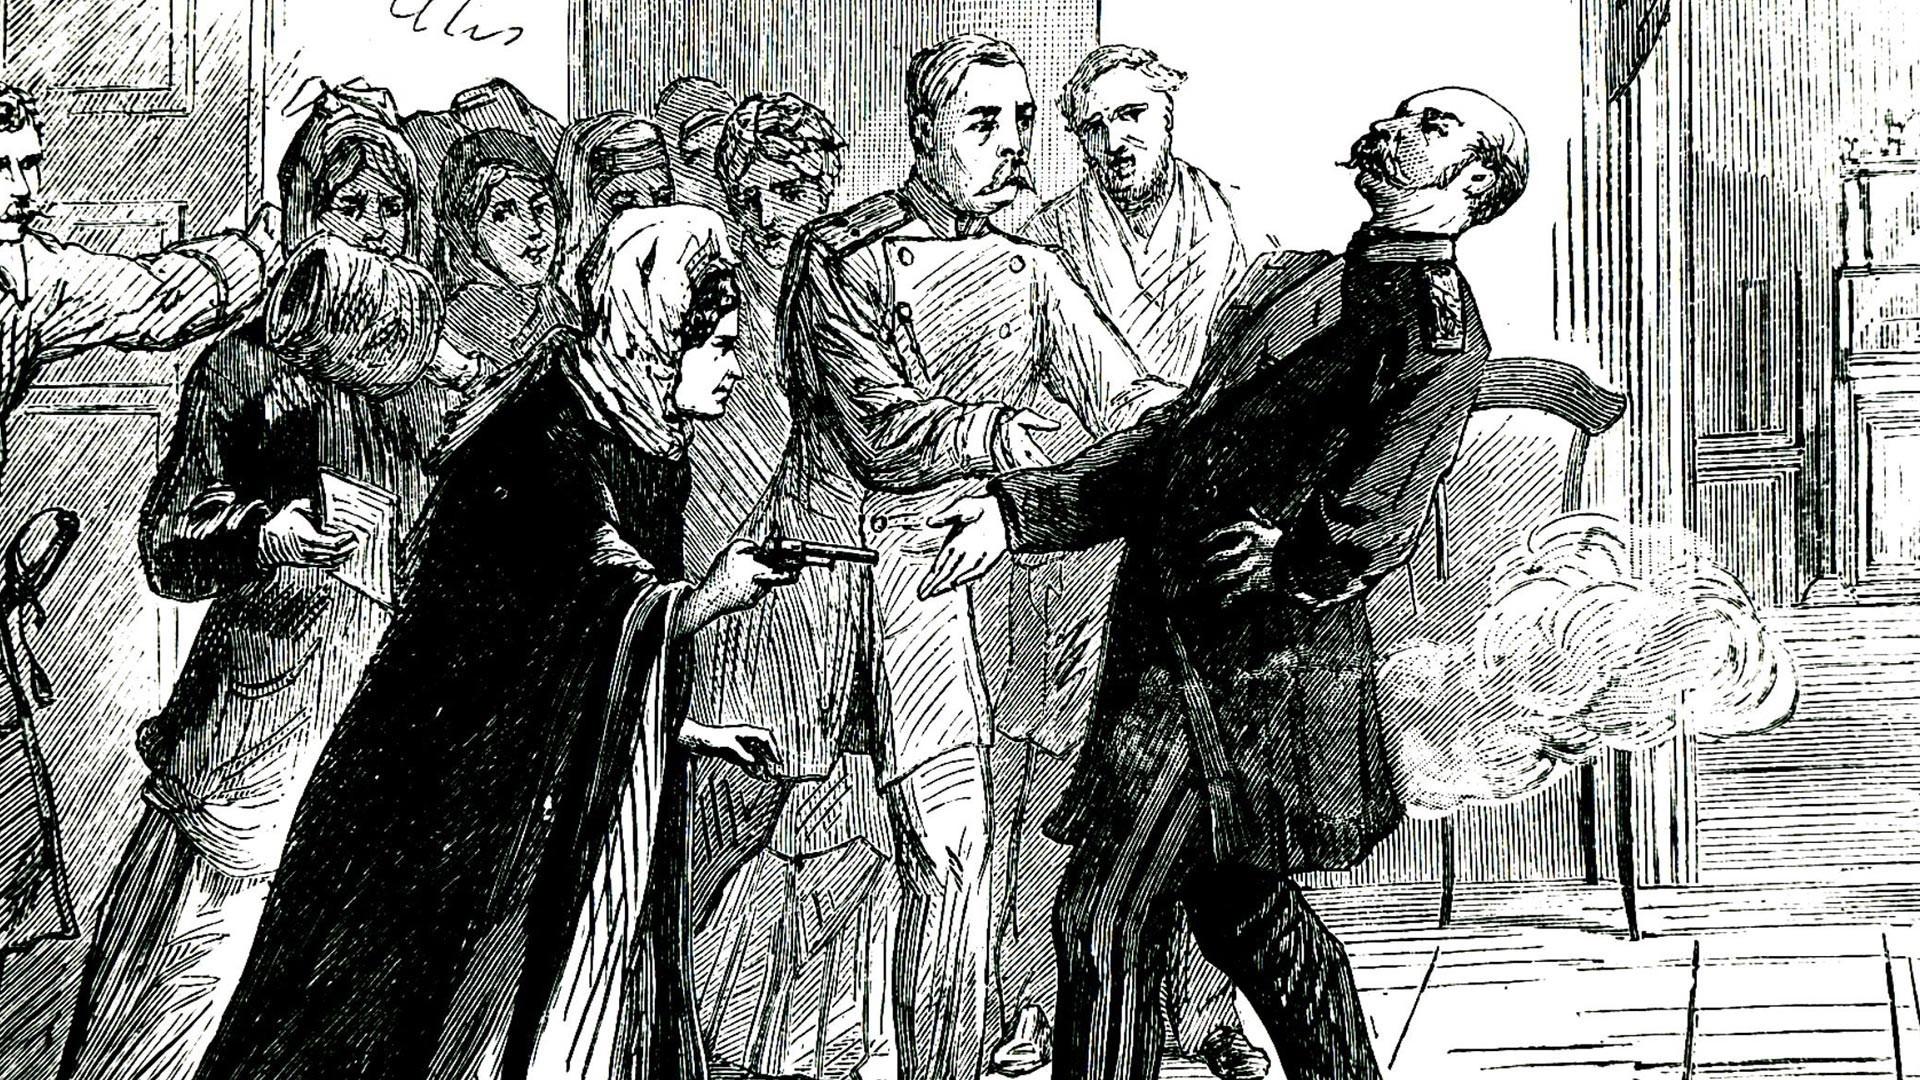 Неуспешниот обид за атентат на руската револуционерка Вера Ивановна Засулич (1849-1919) на началникот на петербуршката полиција од 1860 до 1878 година Фјодор Трепов (1830-1889). На судењето поротата ја ослободила.